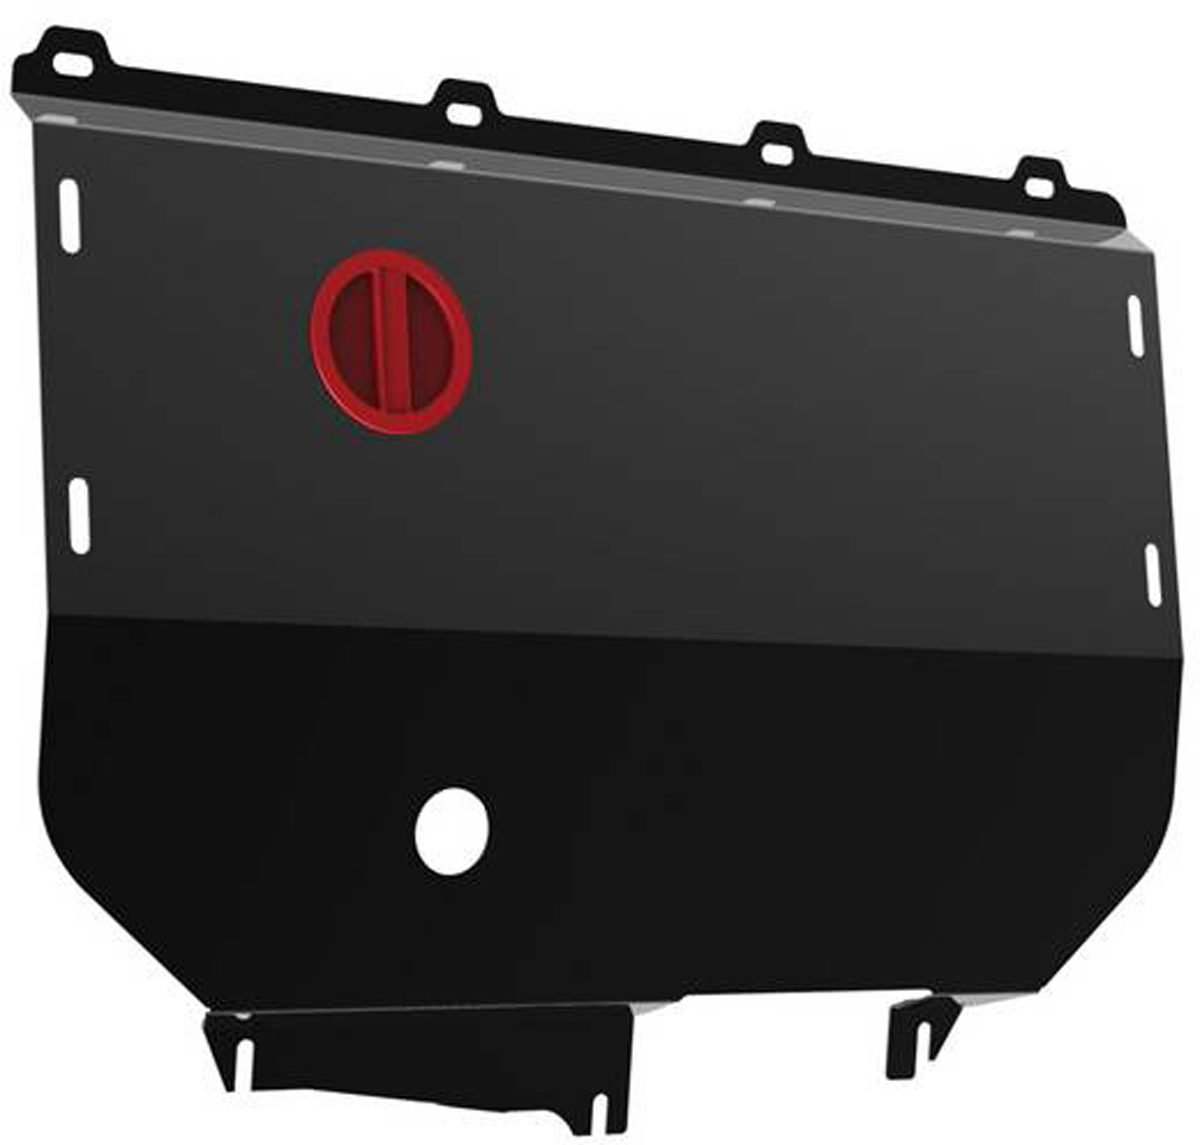 Защита картера и КПП Автоброня Fiat Ducato 2002-2011, сталь 2 мм111.01708.1Защита картера и КПП Автоброня Fiat Ducato картер, V - 2,3 2002-2011, сталь 2 мм, комплект крепежа, 111.01708.1Стальные защиты Автоброня надежно защищают ваш автомобиль от повреждений при наезде на бордюры, выступающие канализационные люки, кромки поврежденного асфальта или при ремонте дорог, не говоря уже о загородных дорогах. - Имеют оптимальное соотношение цена-качество. - Спроектированы с учетом особенностей автомобиля, что делает установку удобной. - Защита устанавливается в штатные места кузова автомобиля. - Является надежной защитой для важных элементов на протяжении долгих лет. - Глубокий штамп дополнительно усиливает конструкцию защиты. - Подштамповка в местах крепления защищает крепеж от срезания. - Технологические отверстия там, где они необходимы для смены масла и слива воды, оборудованные заглушками, закрепленными на защите. Толщина стали 2 мм. В комплекте крепеж и инструкция по установке.